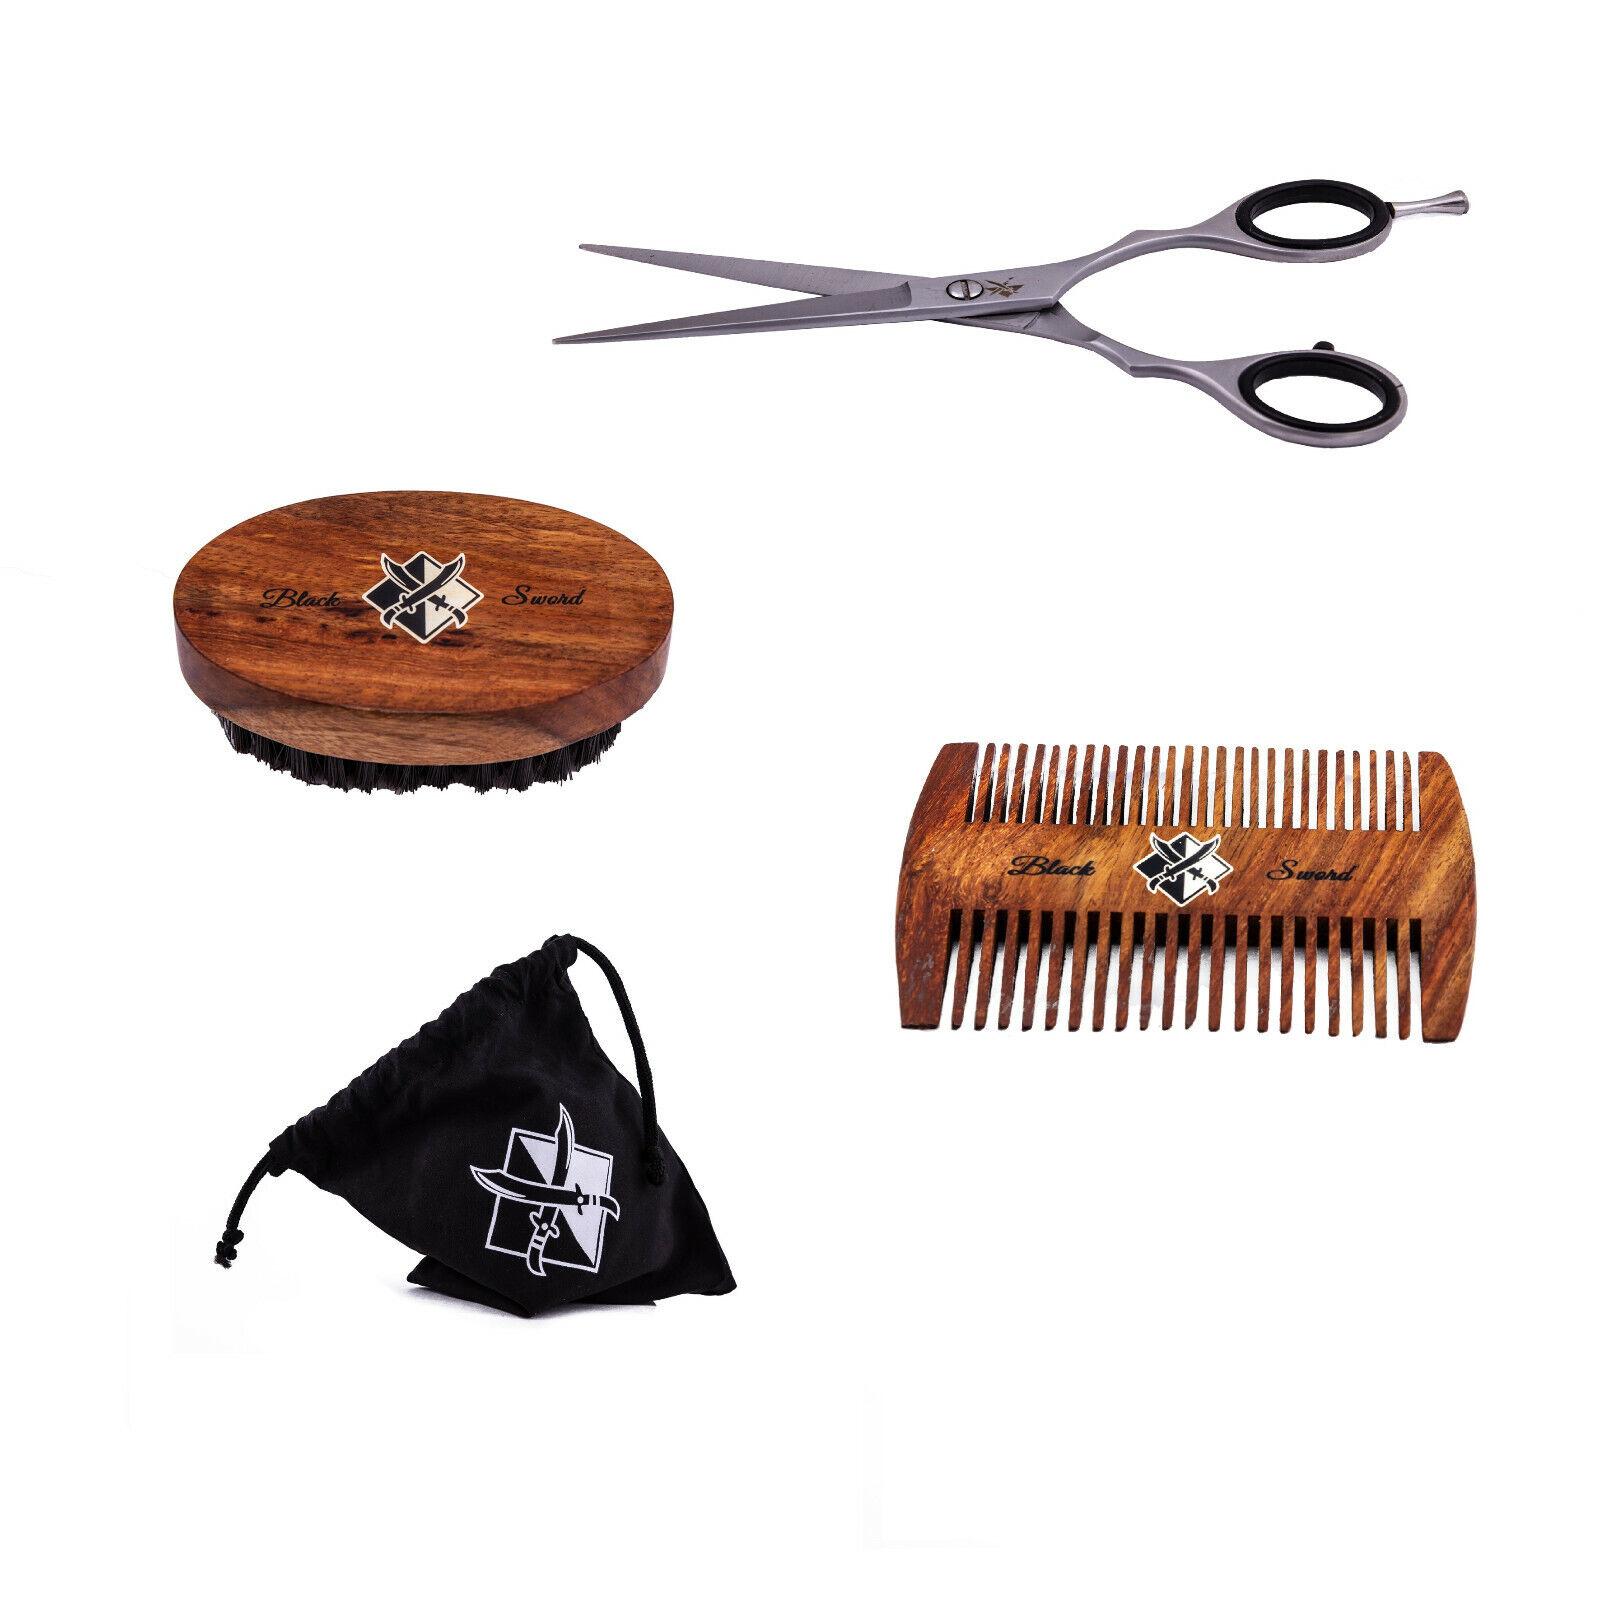 BlackSword Bartpflege Set | Bartbürste | Bartkamm | Haarschere | Tasche